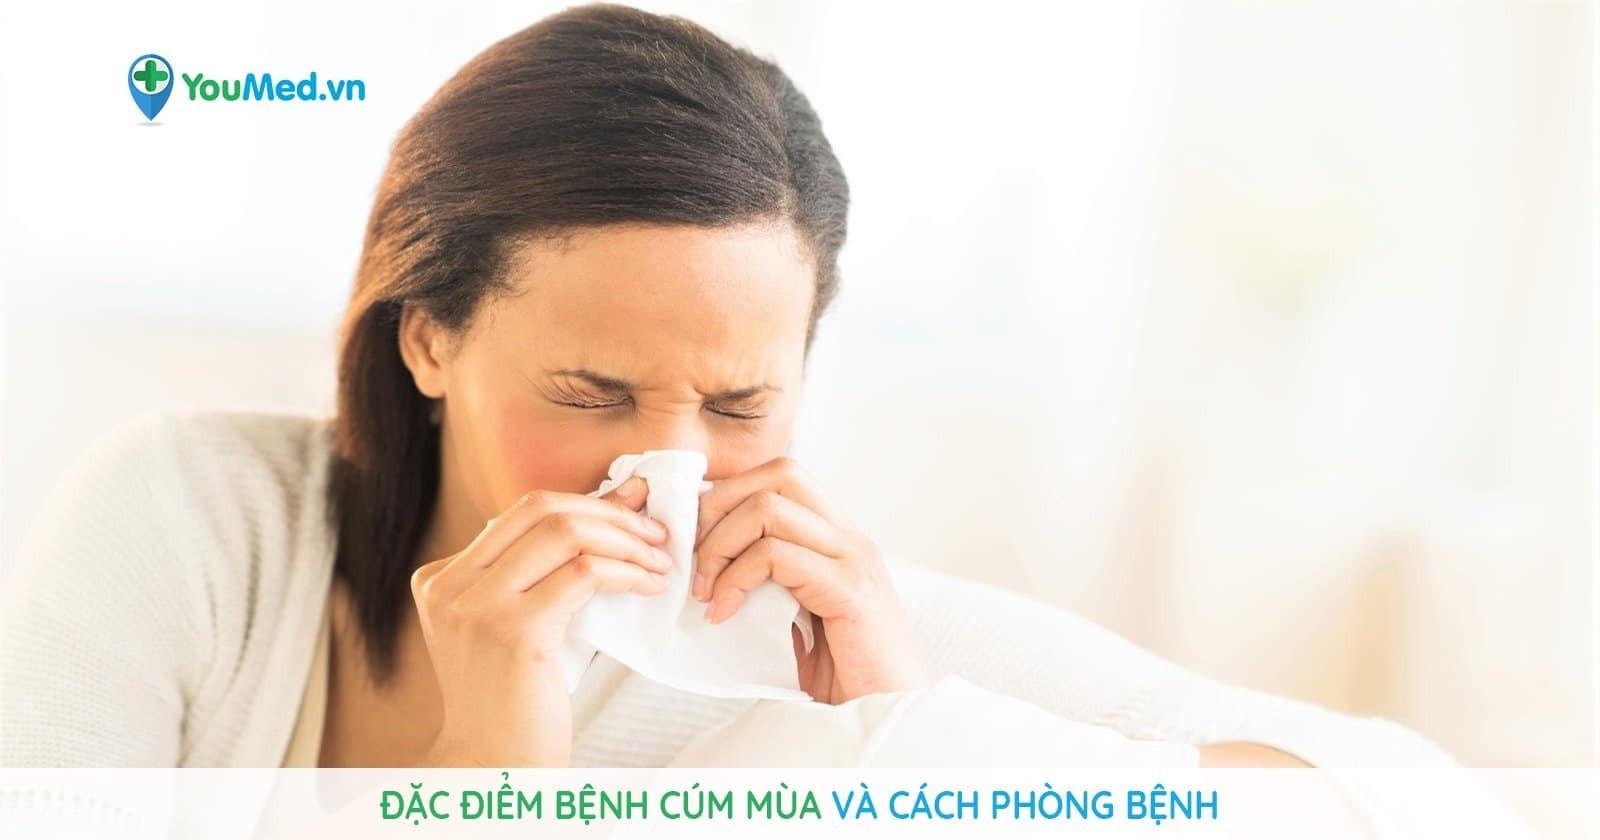 Cúm mùa: Dấu hiệu, triệu chứng và cách phòng ngừa khi thời tiết se lạnh